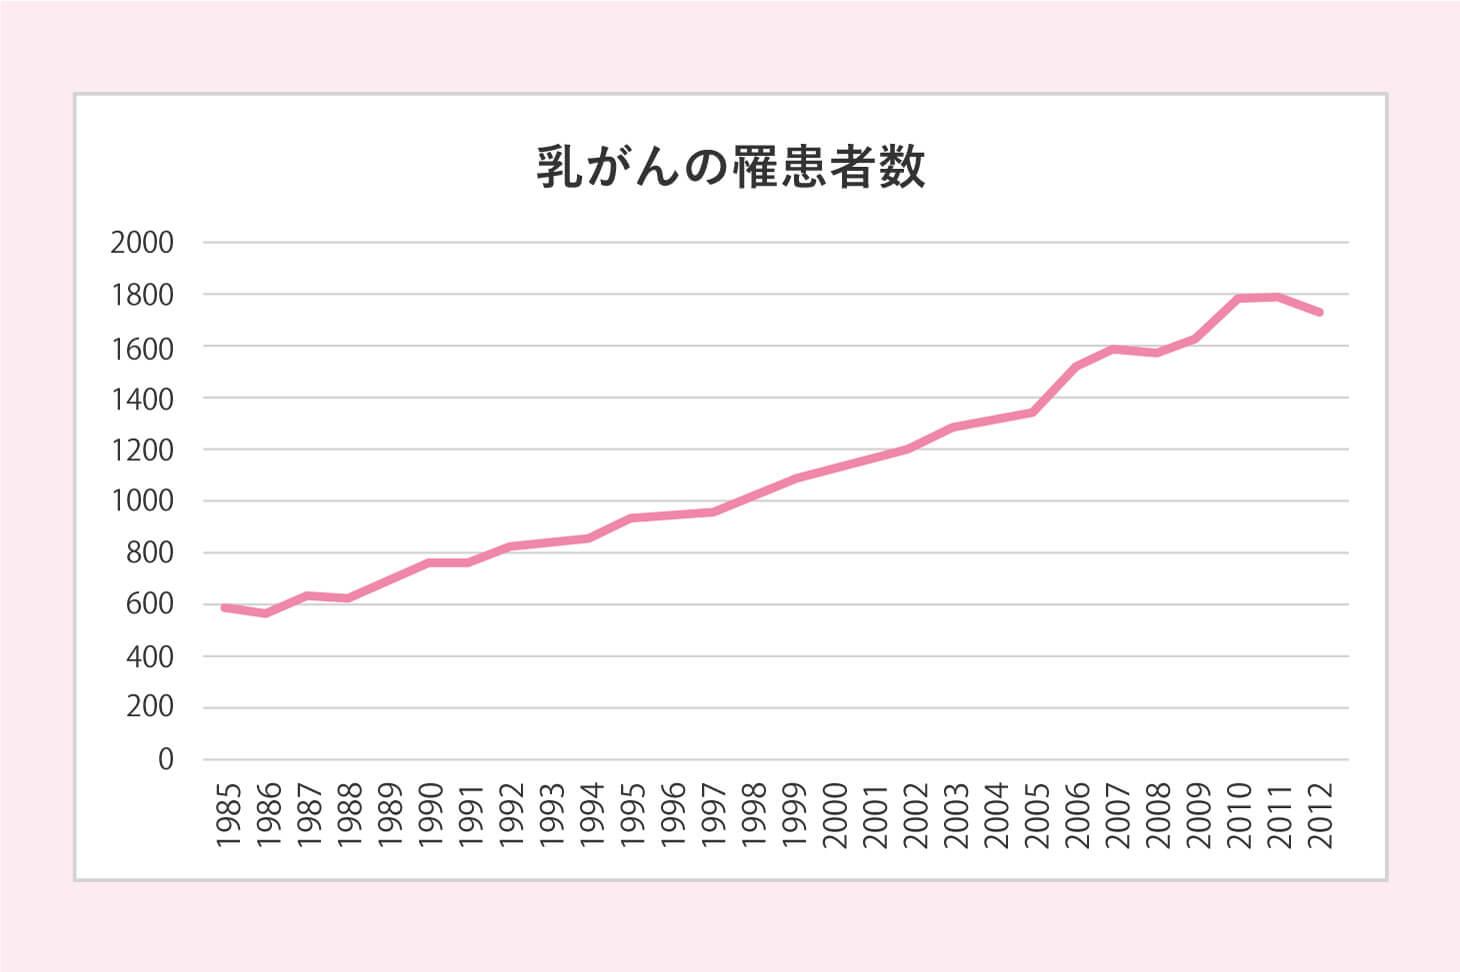 乳がんの罹患者数の推移グラフ